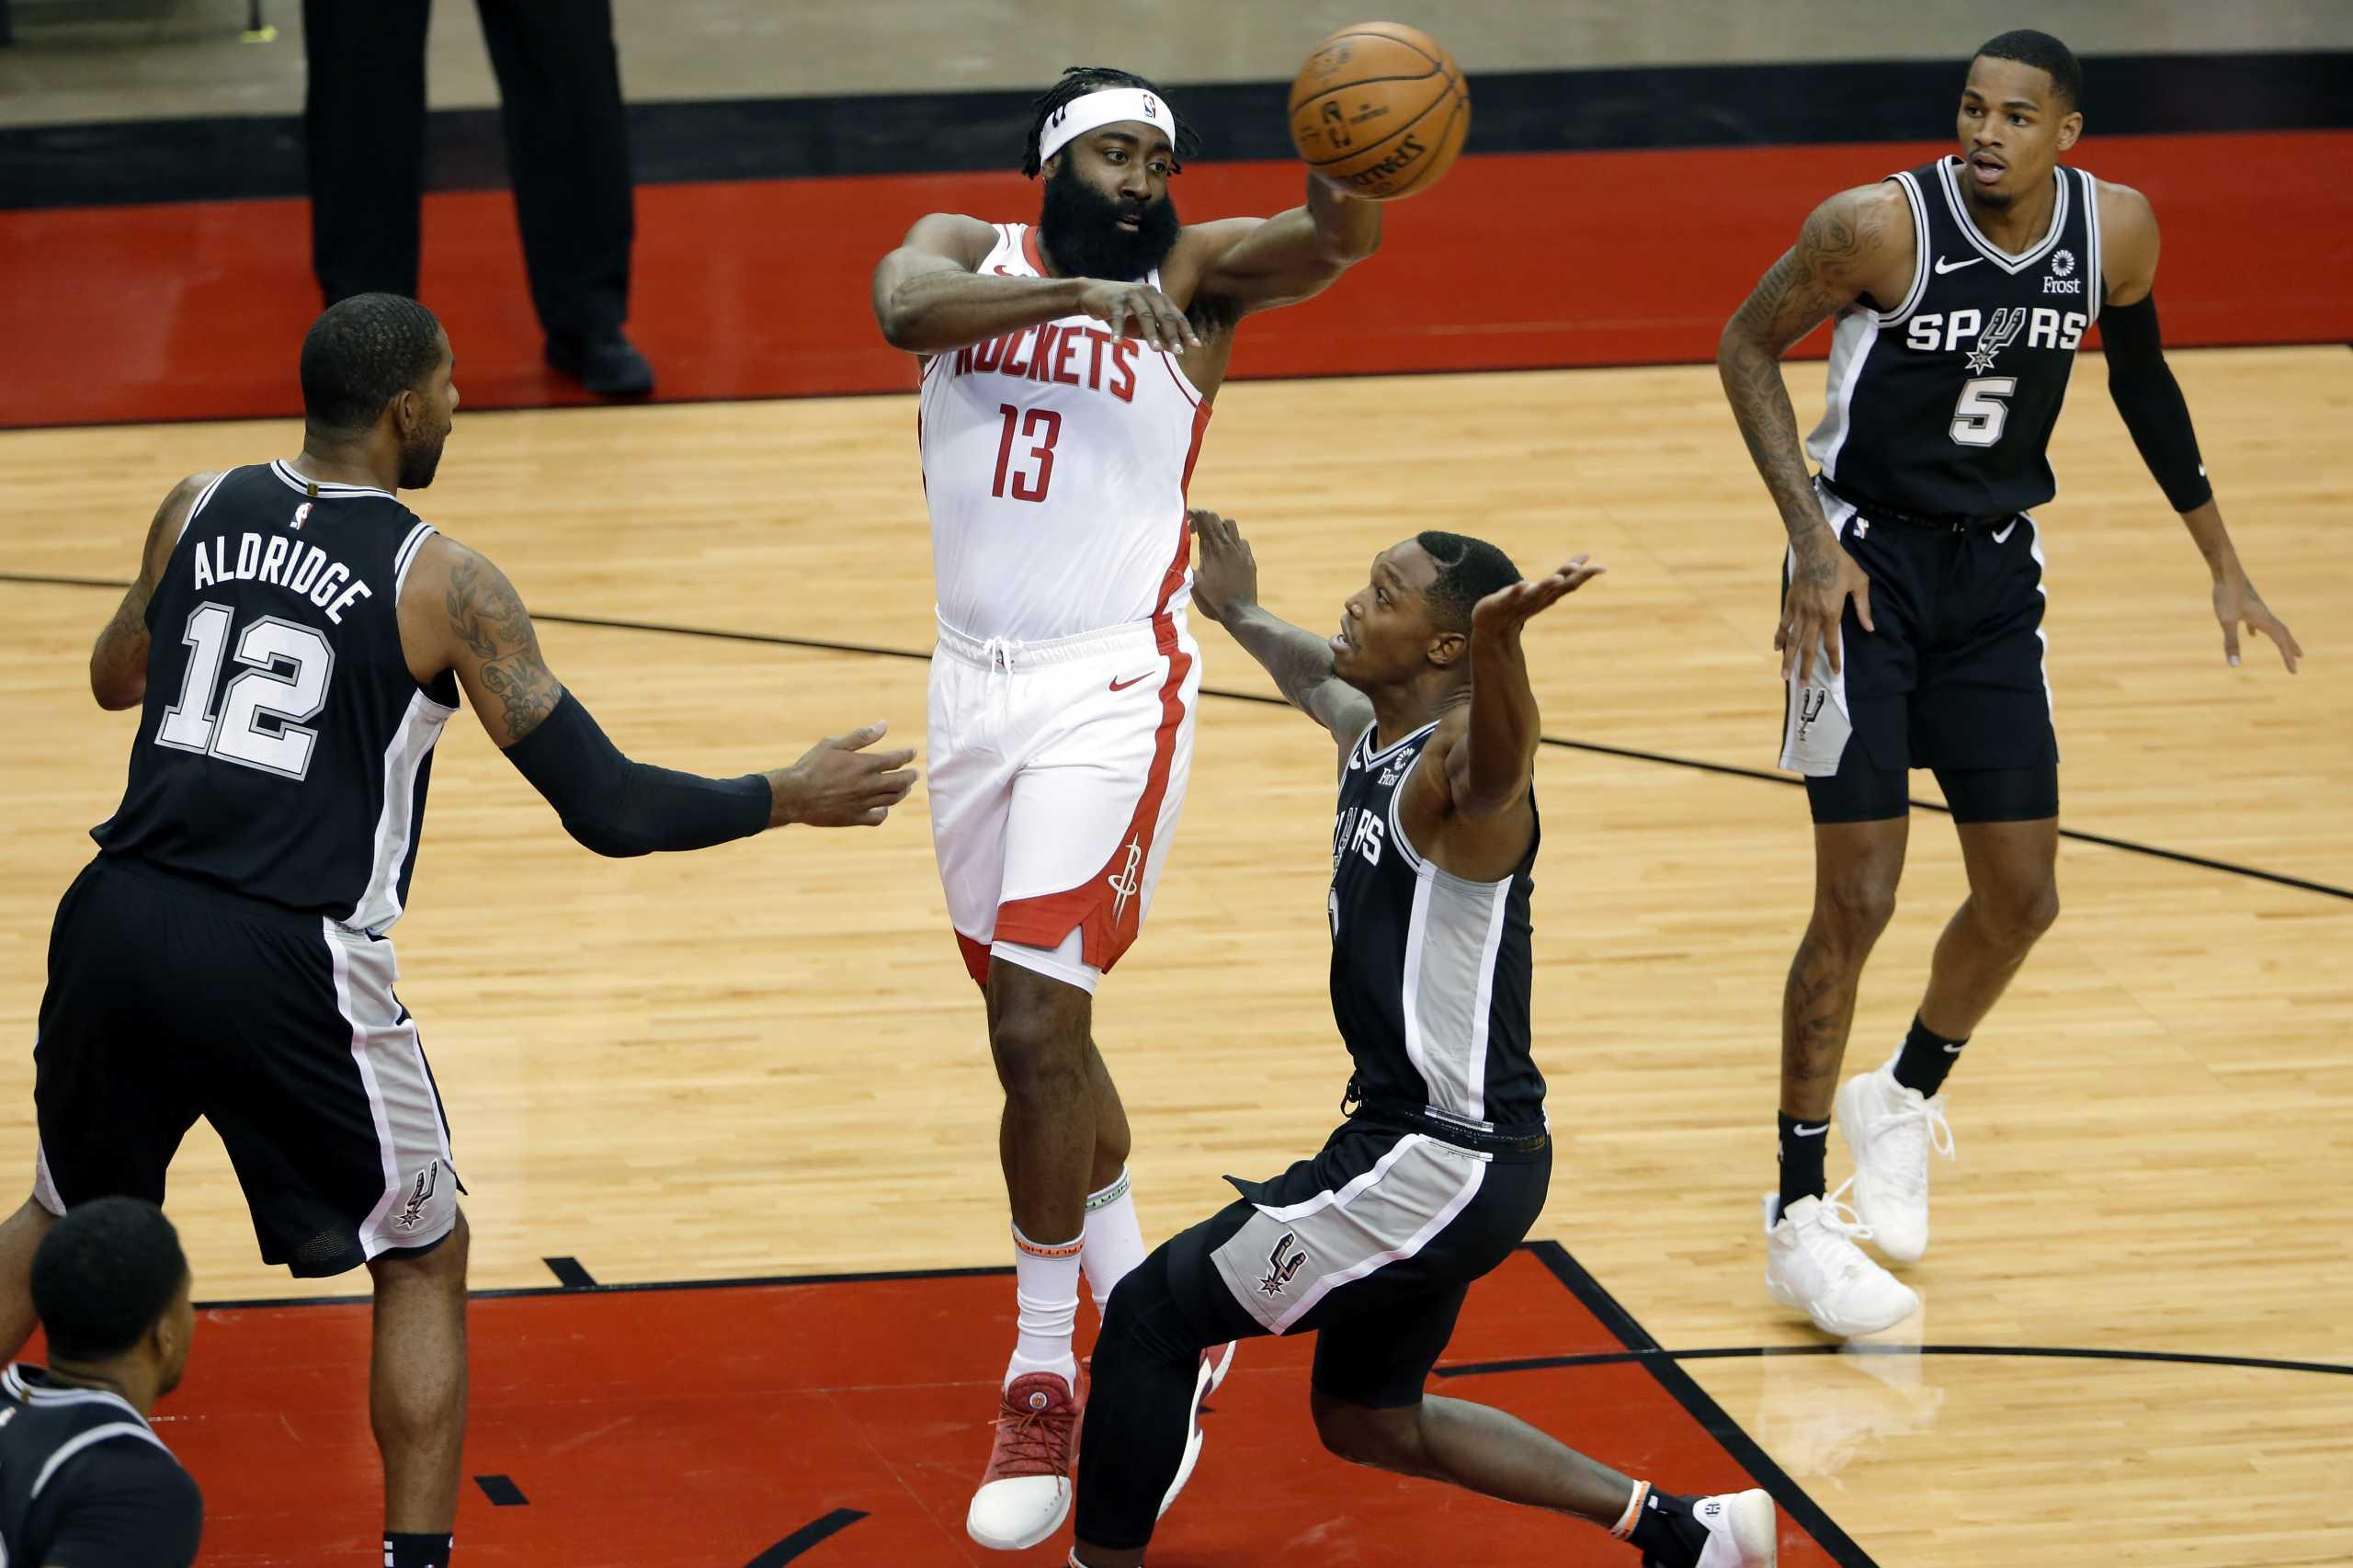 NBA Preseason: Πάτησε παρκέ ο Χάρντεν! Βρίσκει ρυθμό ο Κάρι (videos)